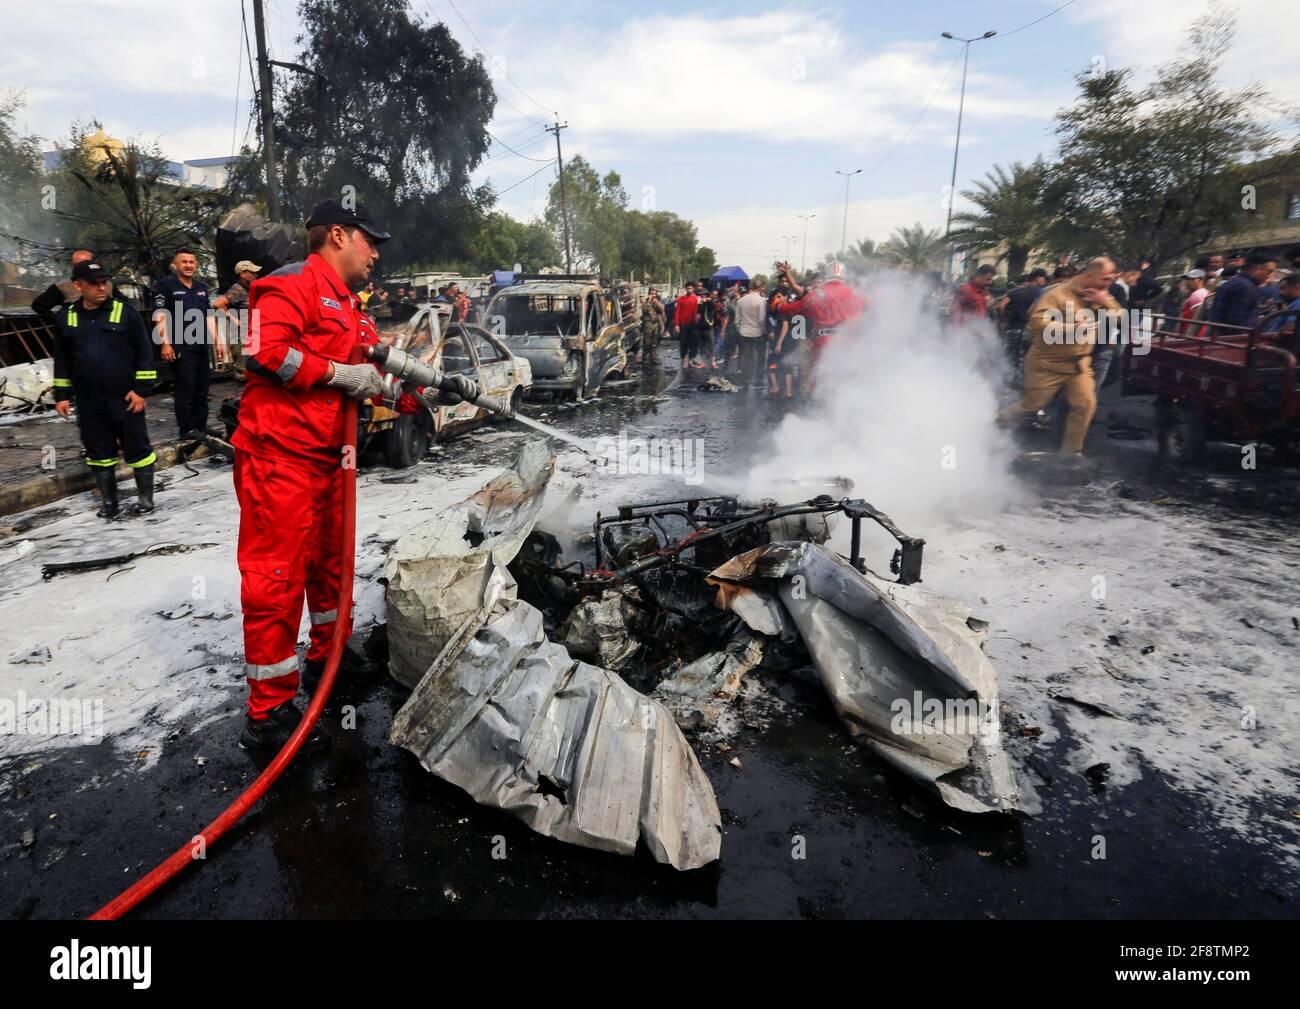 Un pompier inspecte le site d'une attaque à la bombe automobile dans le district de Sadr City à Bagdad, en Irak, le 15 avril 2021. REUTERS/Wissam al-Okili Banque D'Images